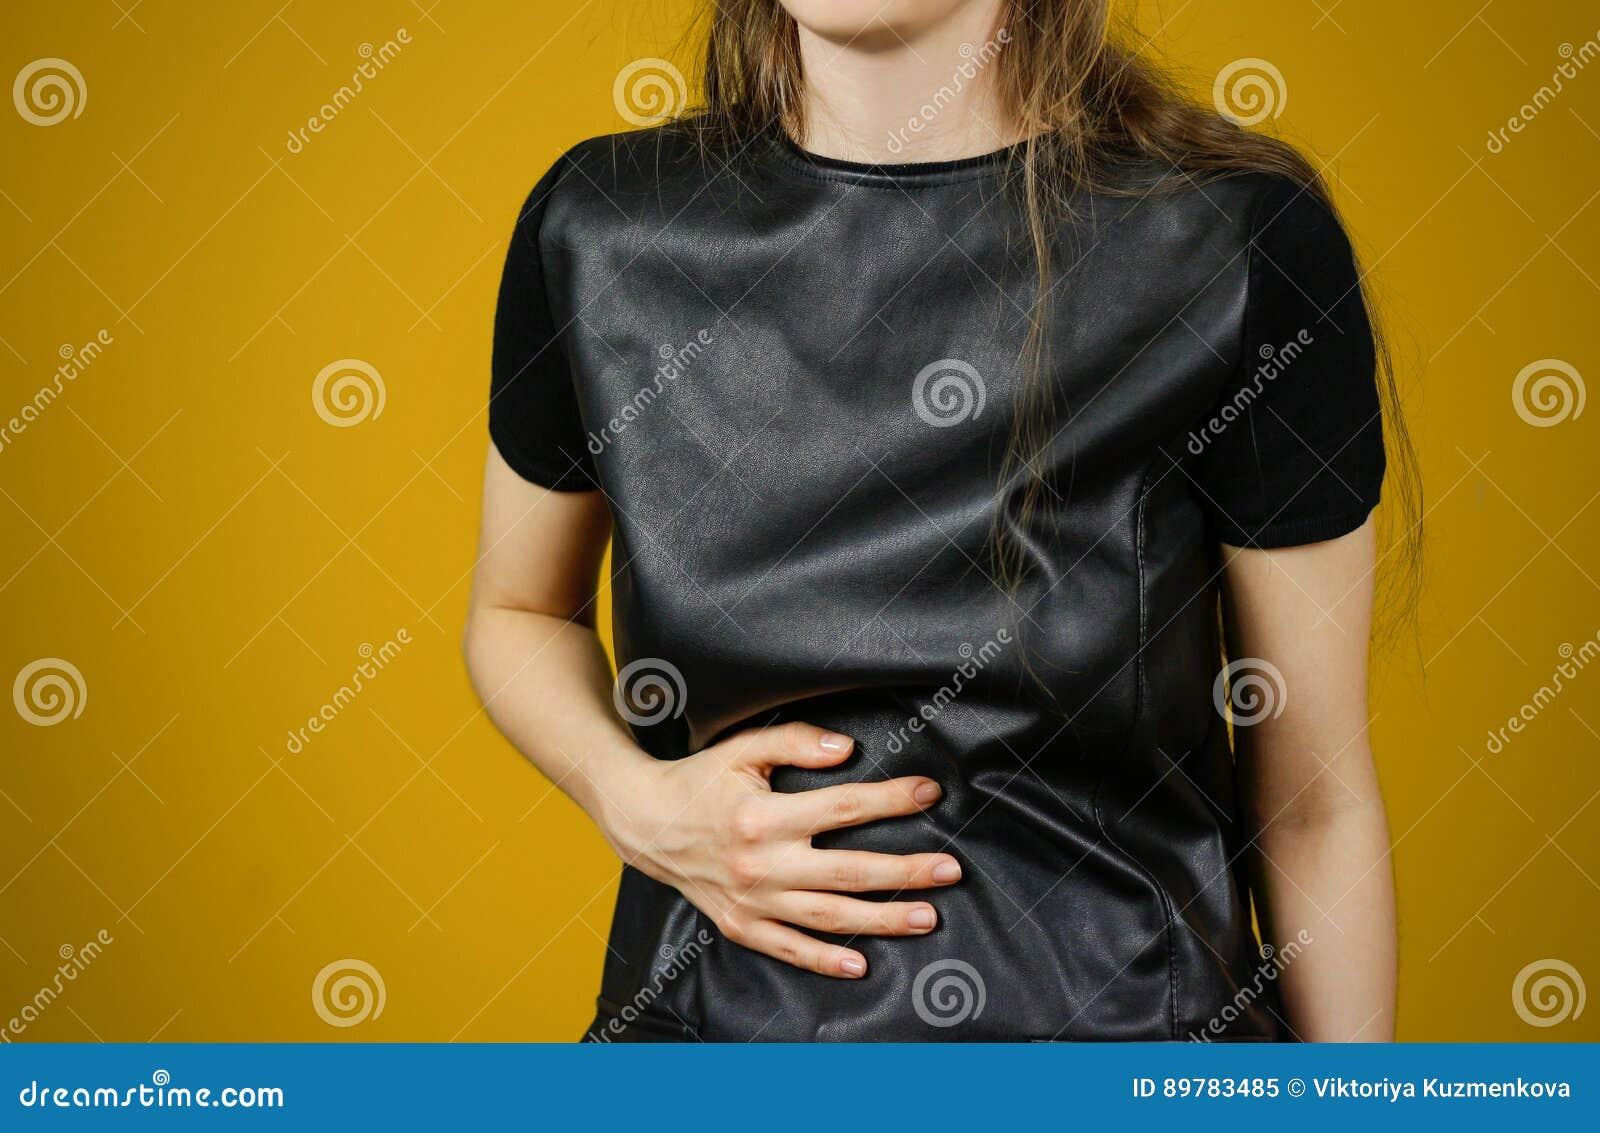 Ass gape pics porn